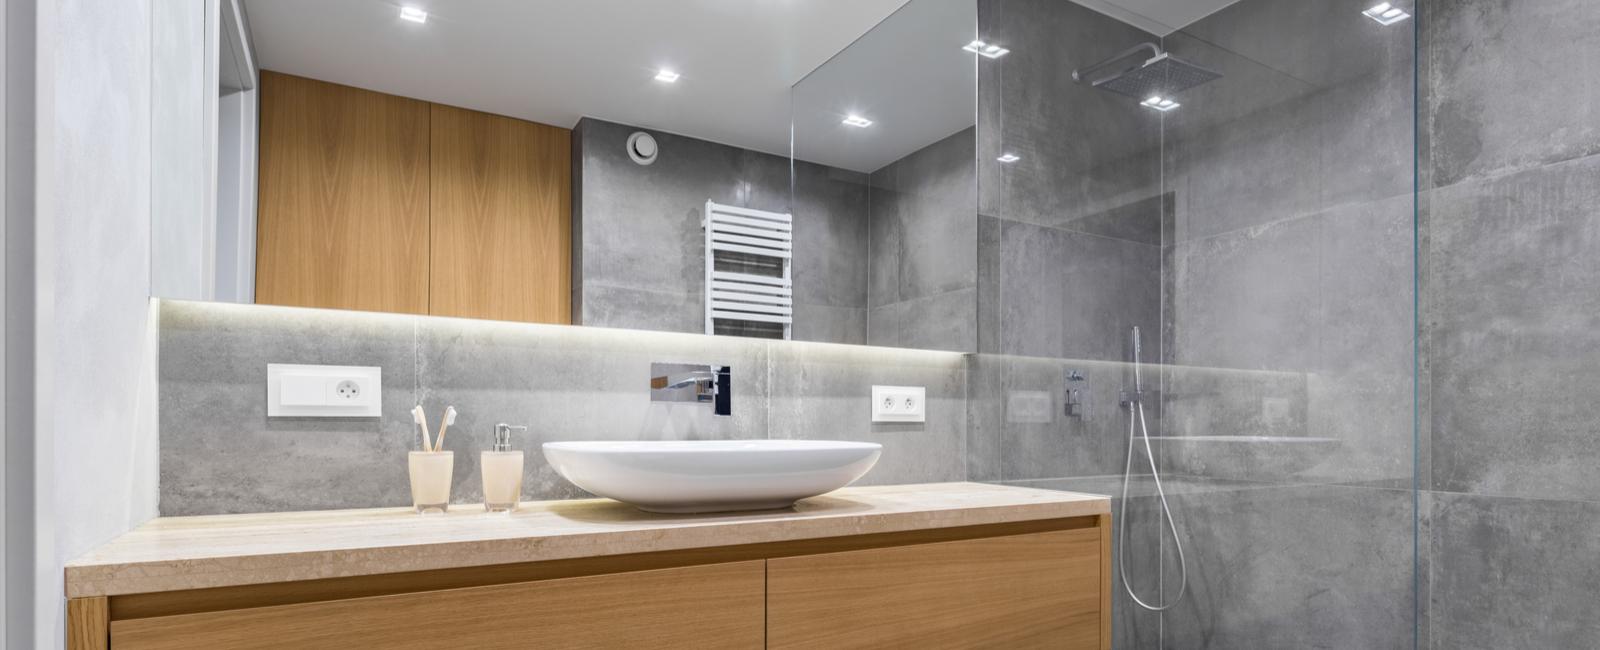 Quel Spot Dans Salle De Bain quel eclairage ou luminaire choisir pour sa salle de bain ?